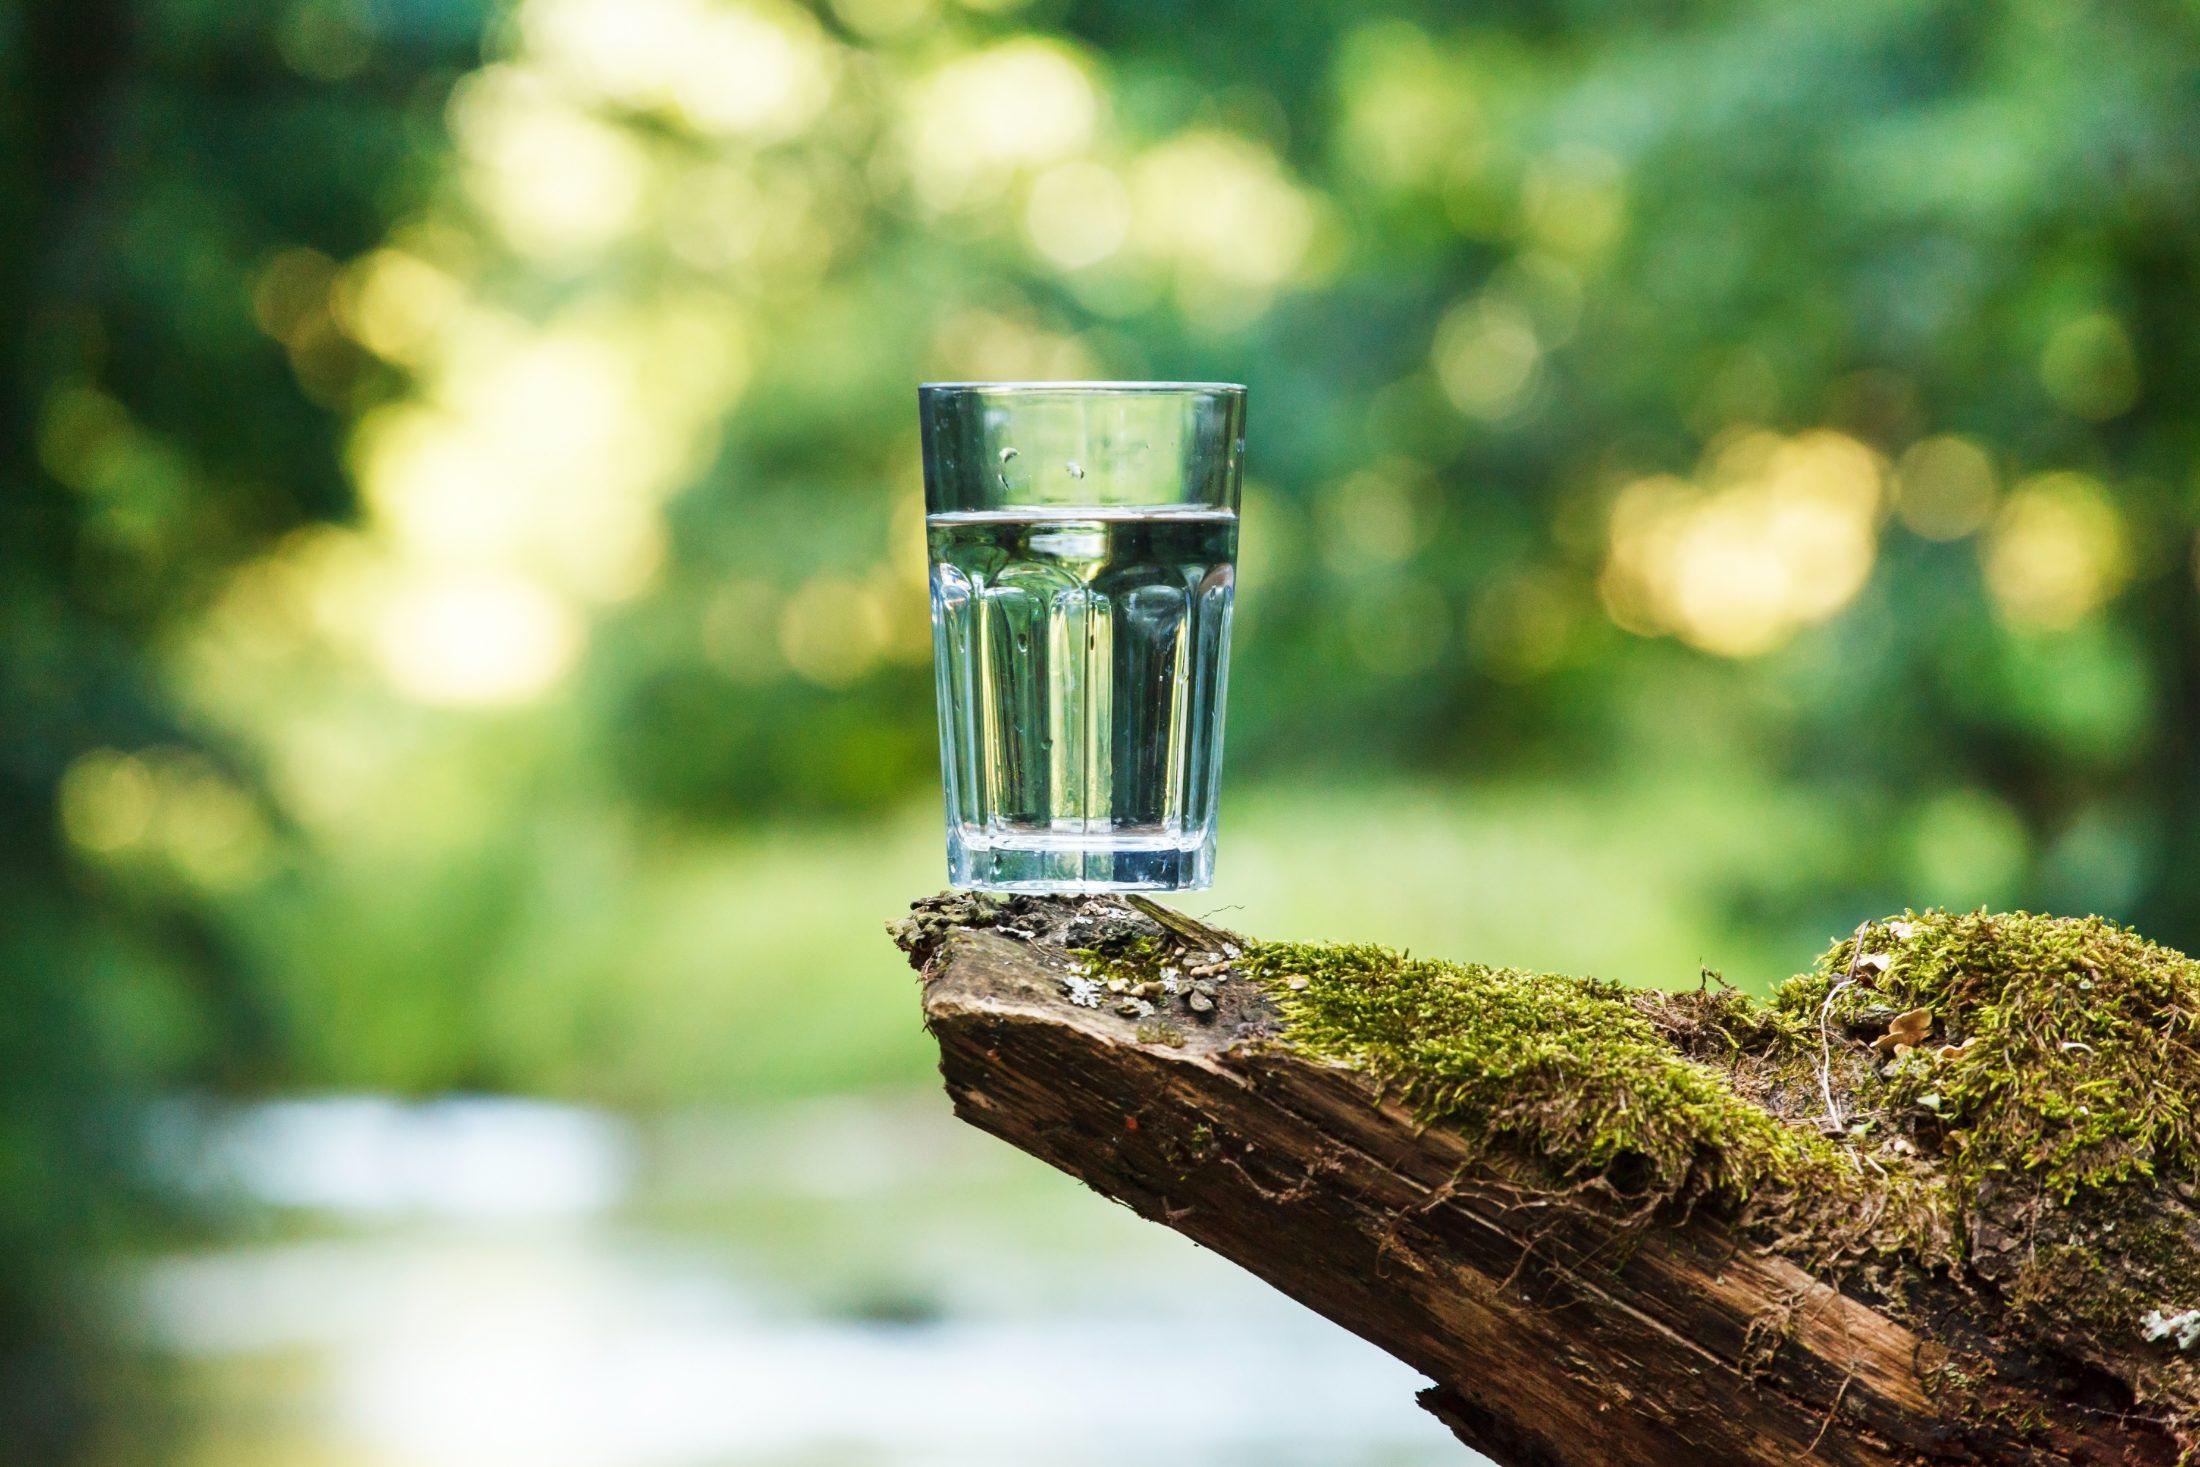 Azért a víz az úr: Így legyünk víztudatosa(bba)k!